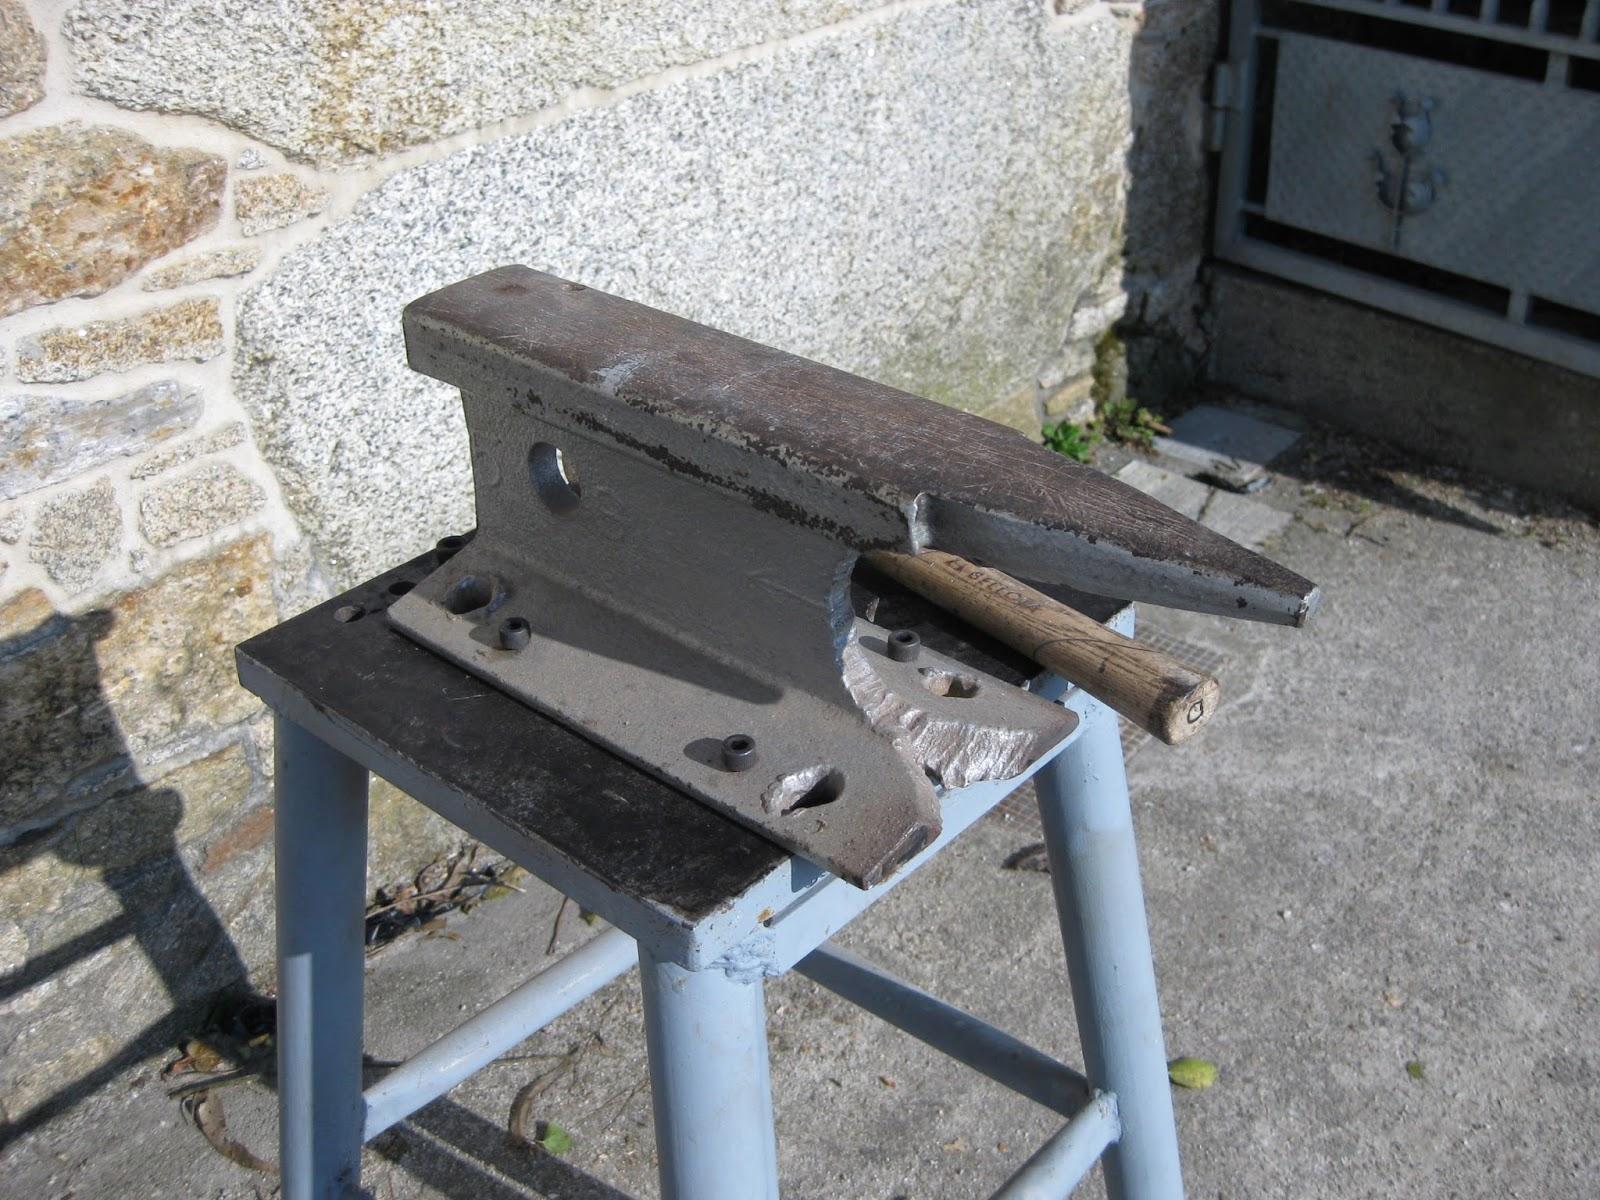 Bricolaje oficios y otras cosas mesa para trabajar el hierro for Mesa herramientas